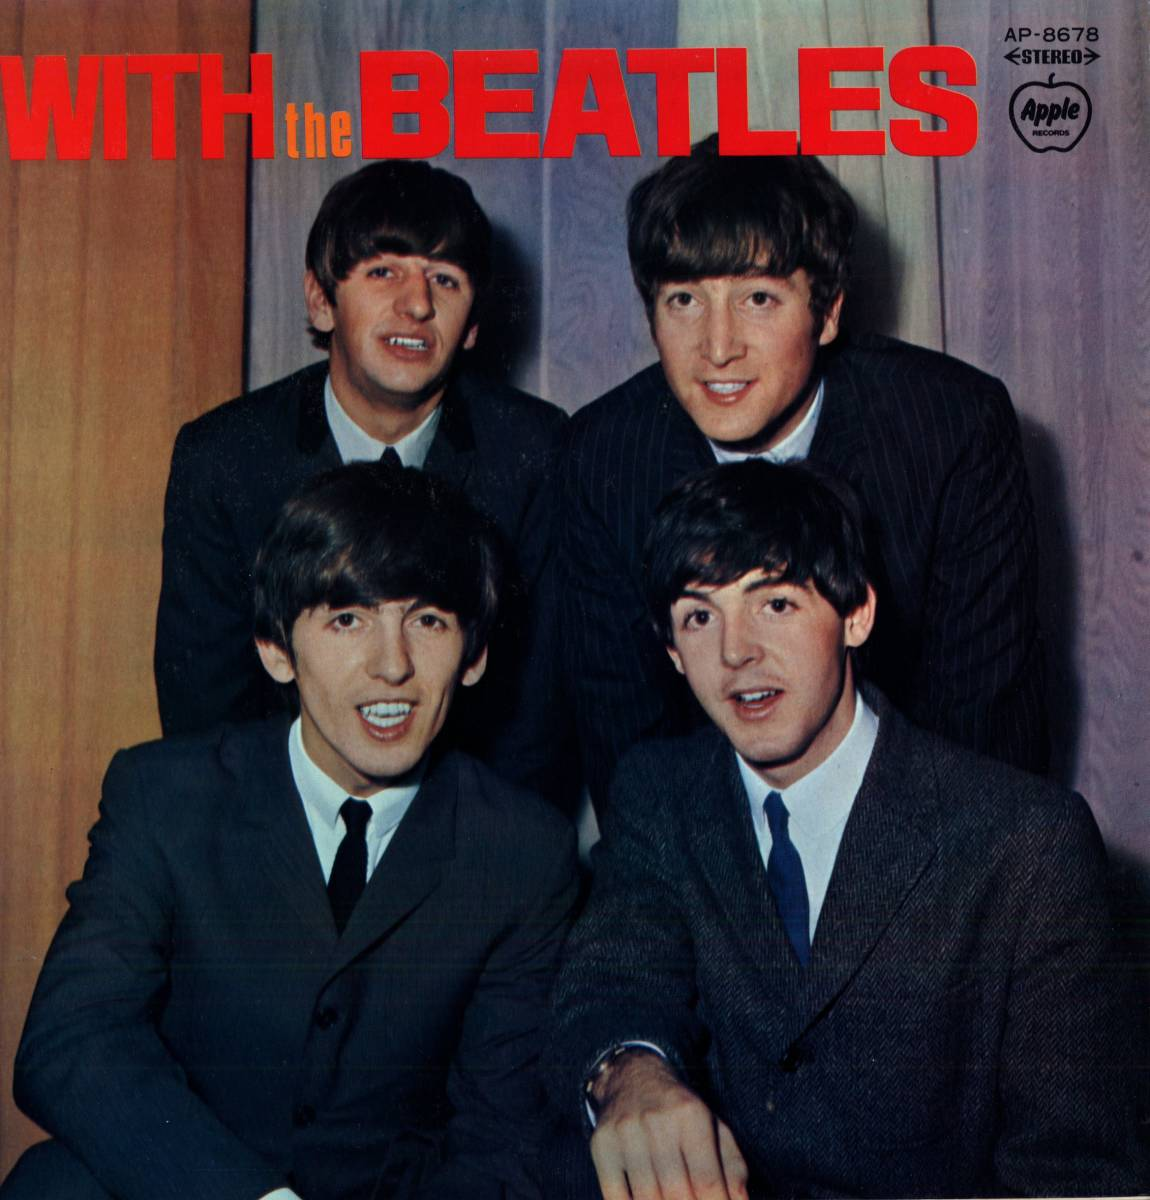 Beatles 「With The Beatles」国内盤アップルレーベル ダブルジャケット盤LPレコード  (AP-8678)_画像1